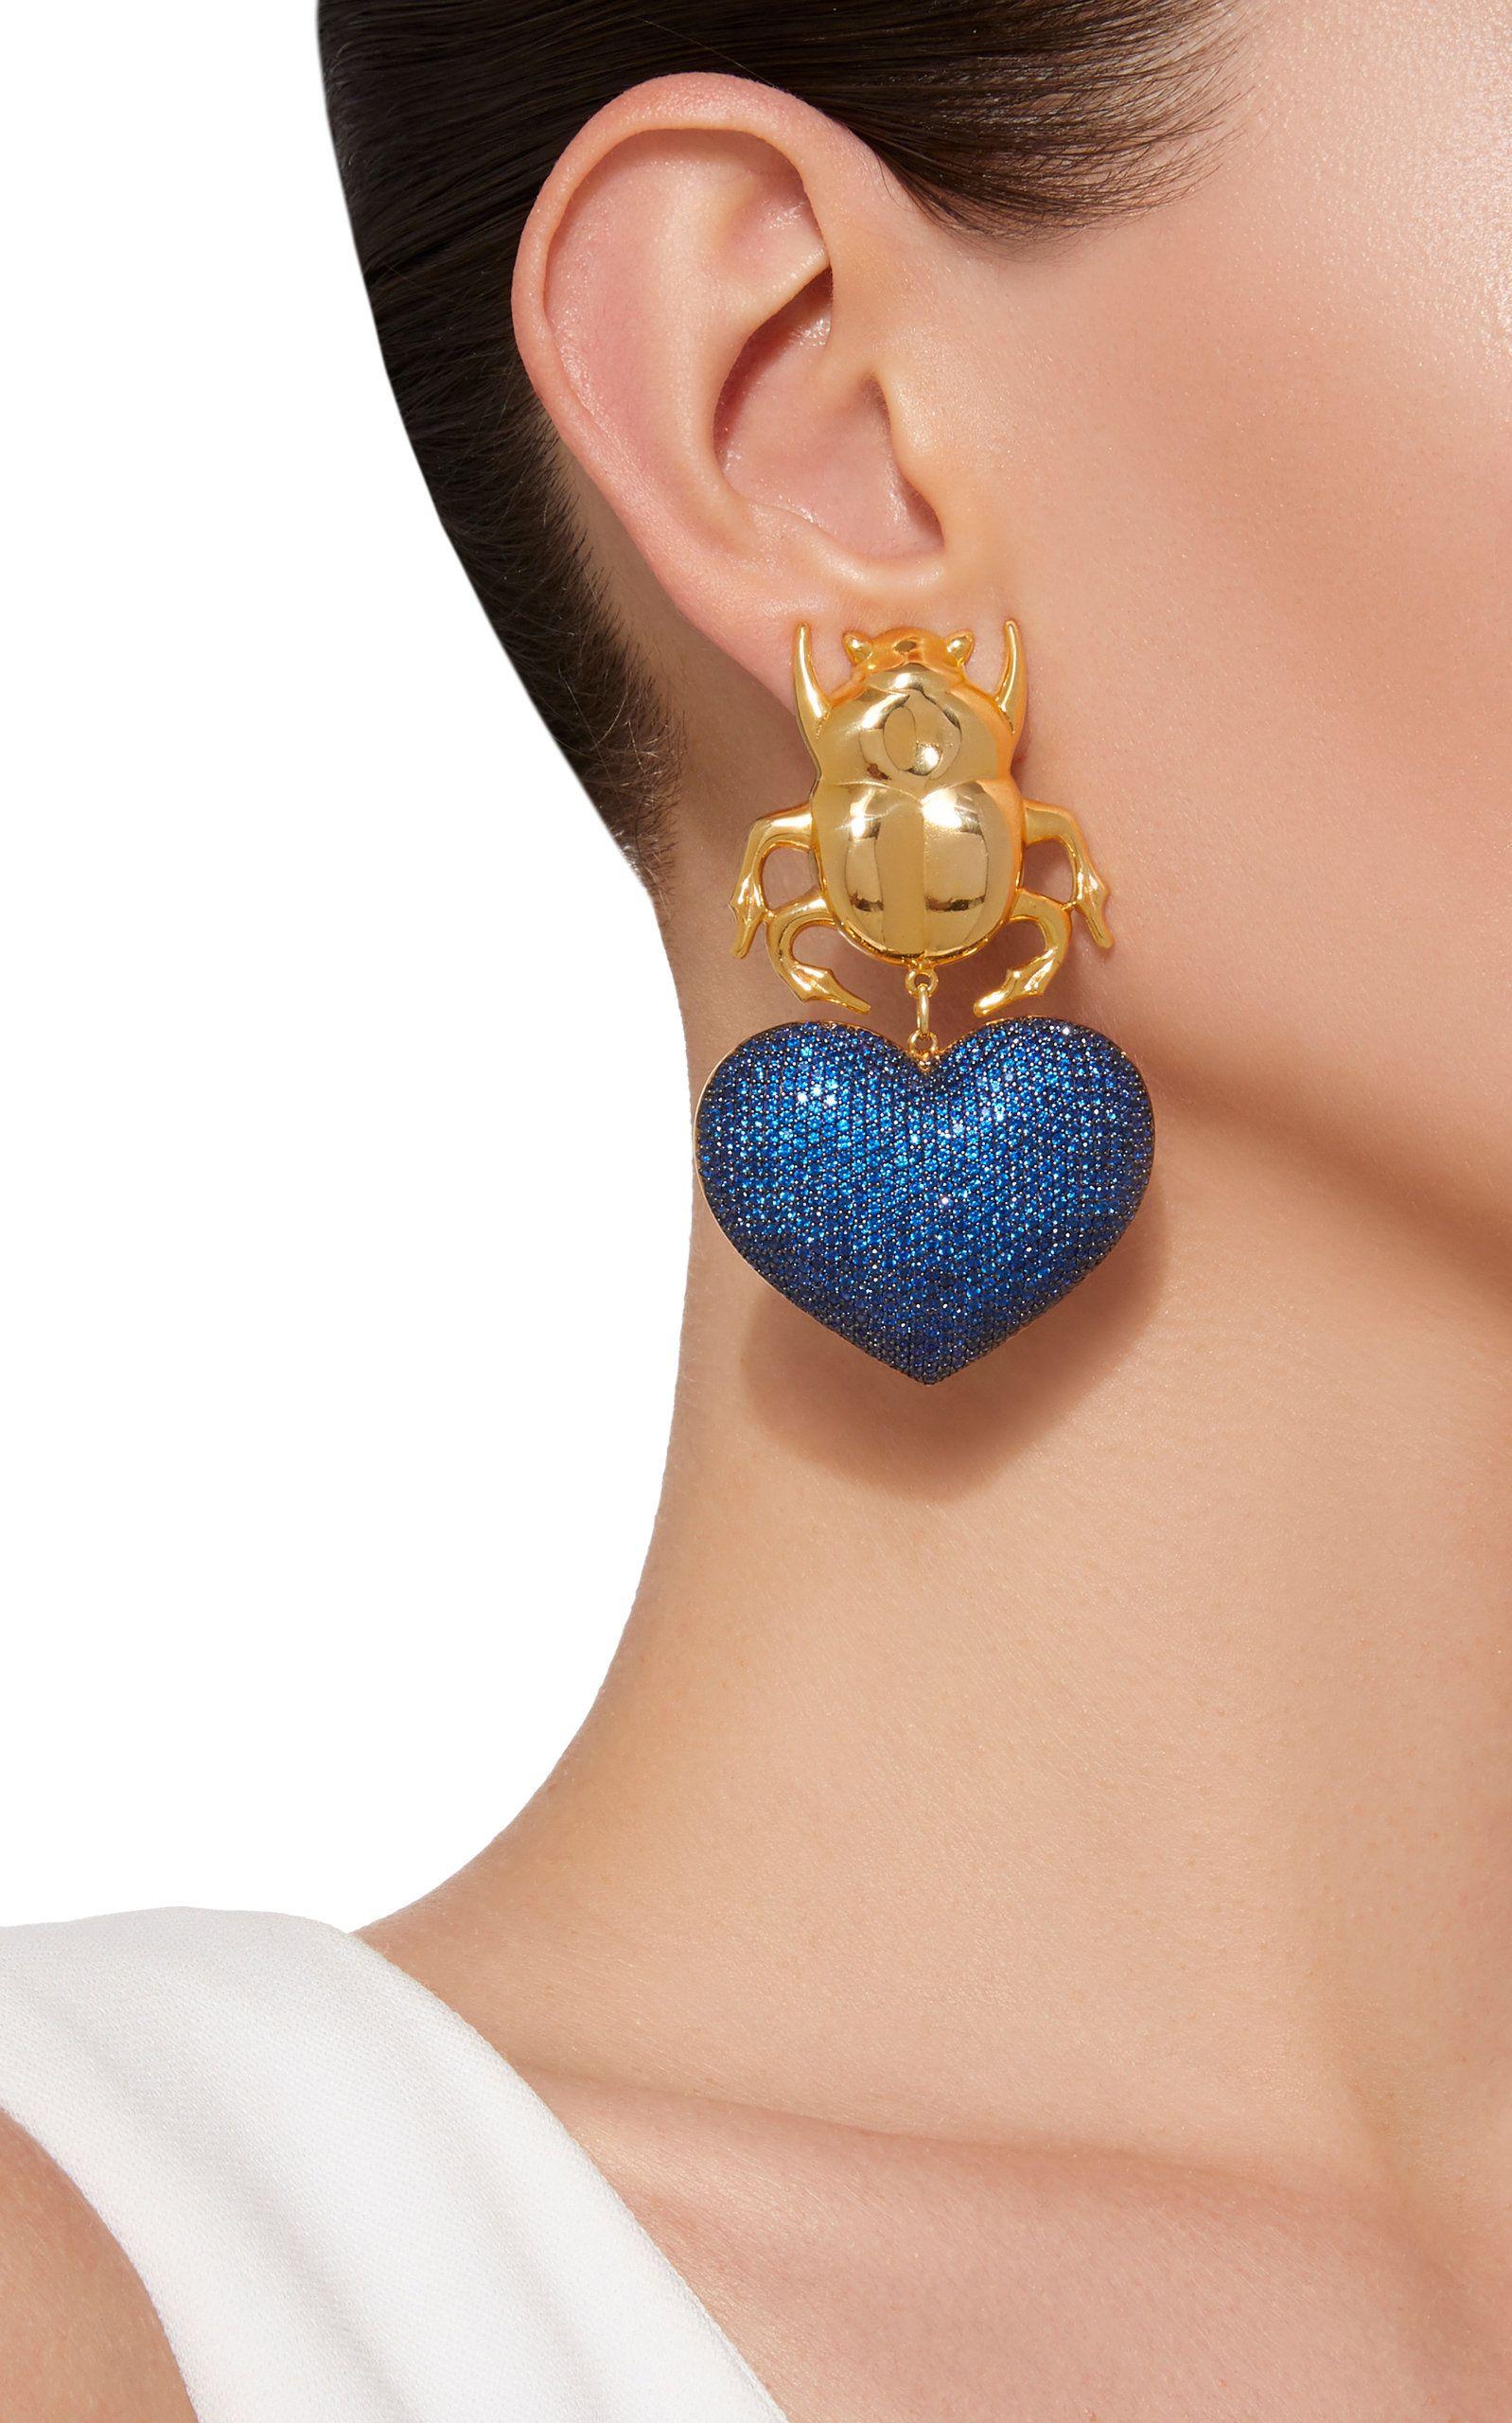 e34f537ca09e5 Beetle My Love Earrings | Jewelry a Girls Best Friend | Earrings ...